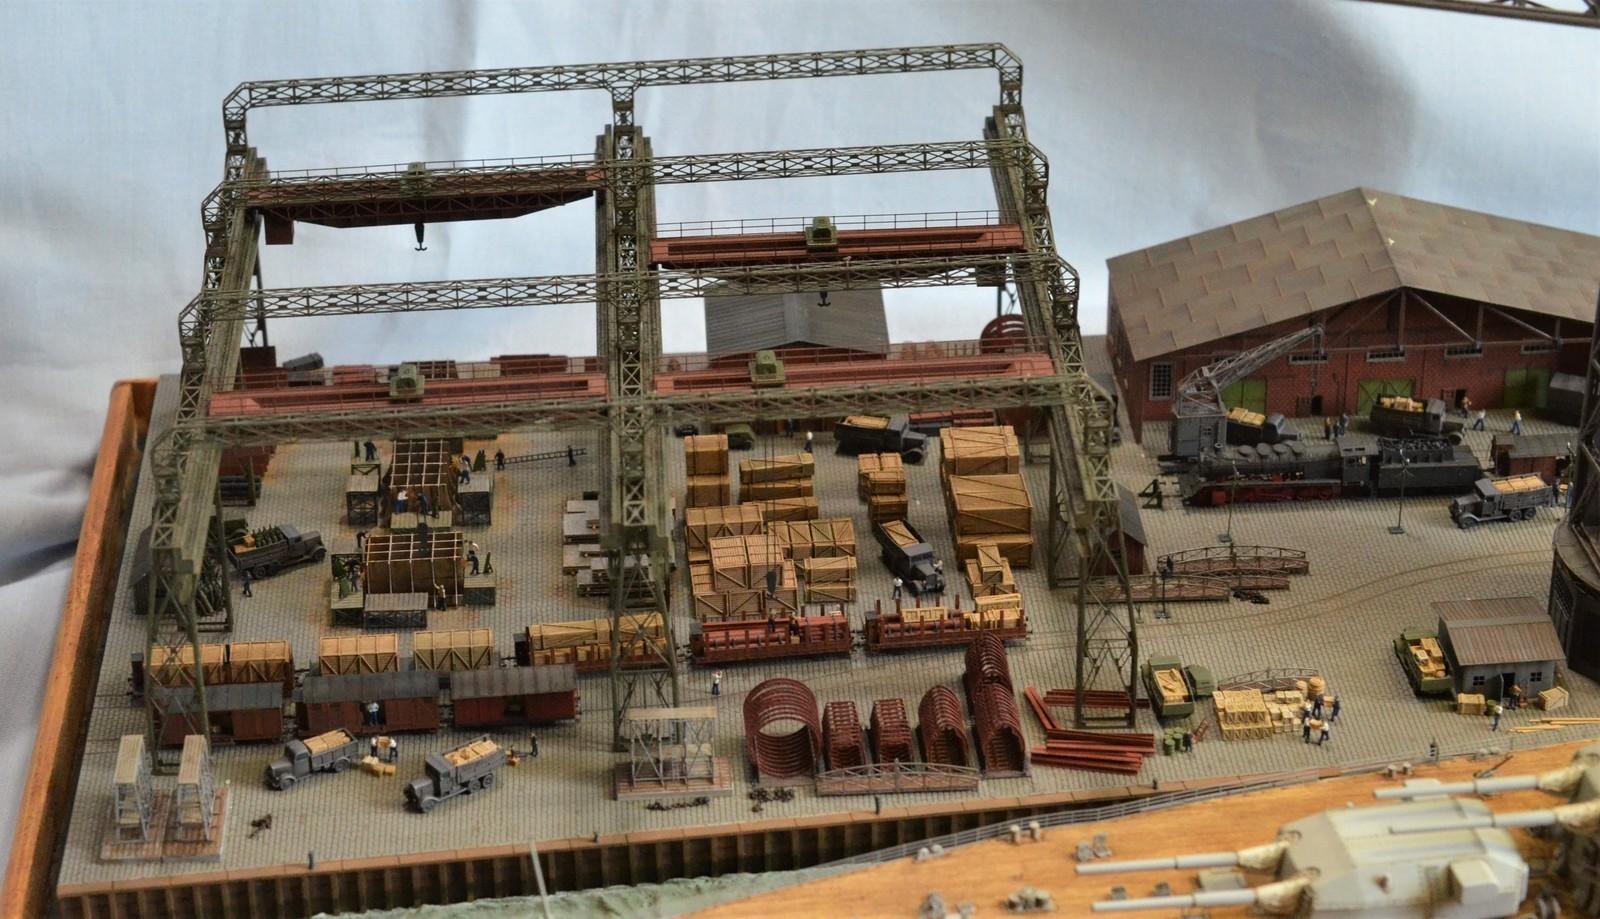 Grande grue 250 t port de Hambourg et Bismarck Revell au 1/350 - Page 11 8QGePq